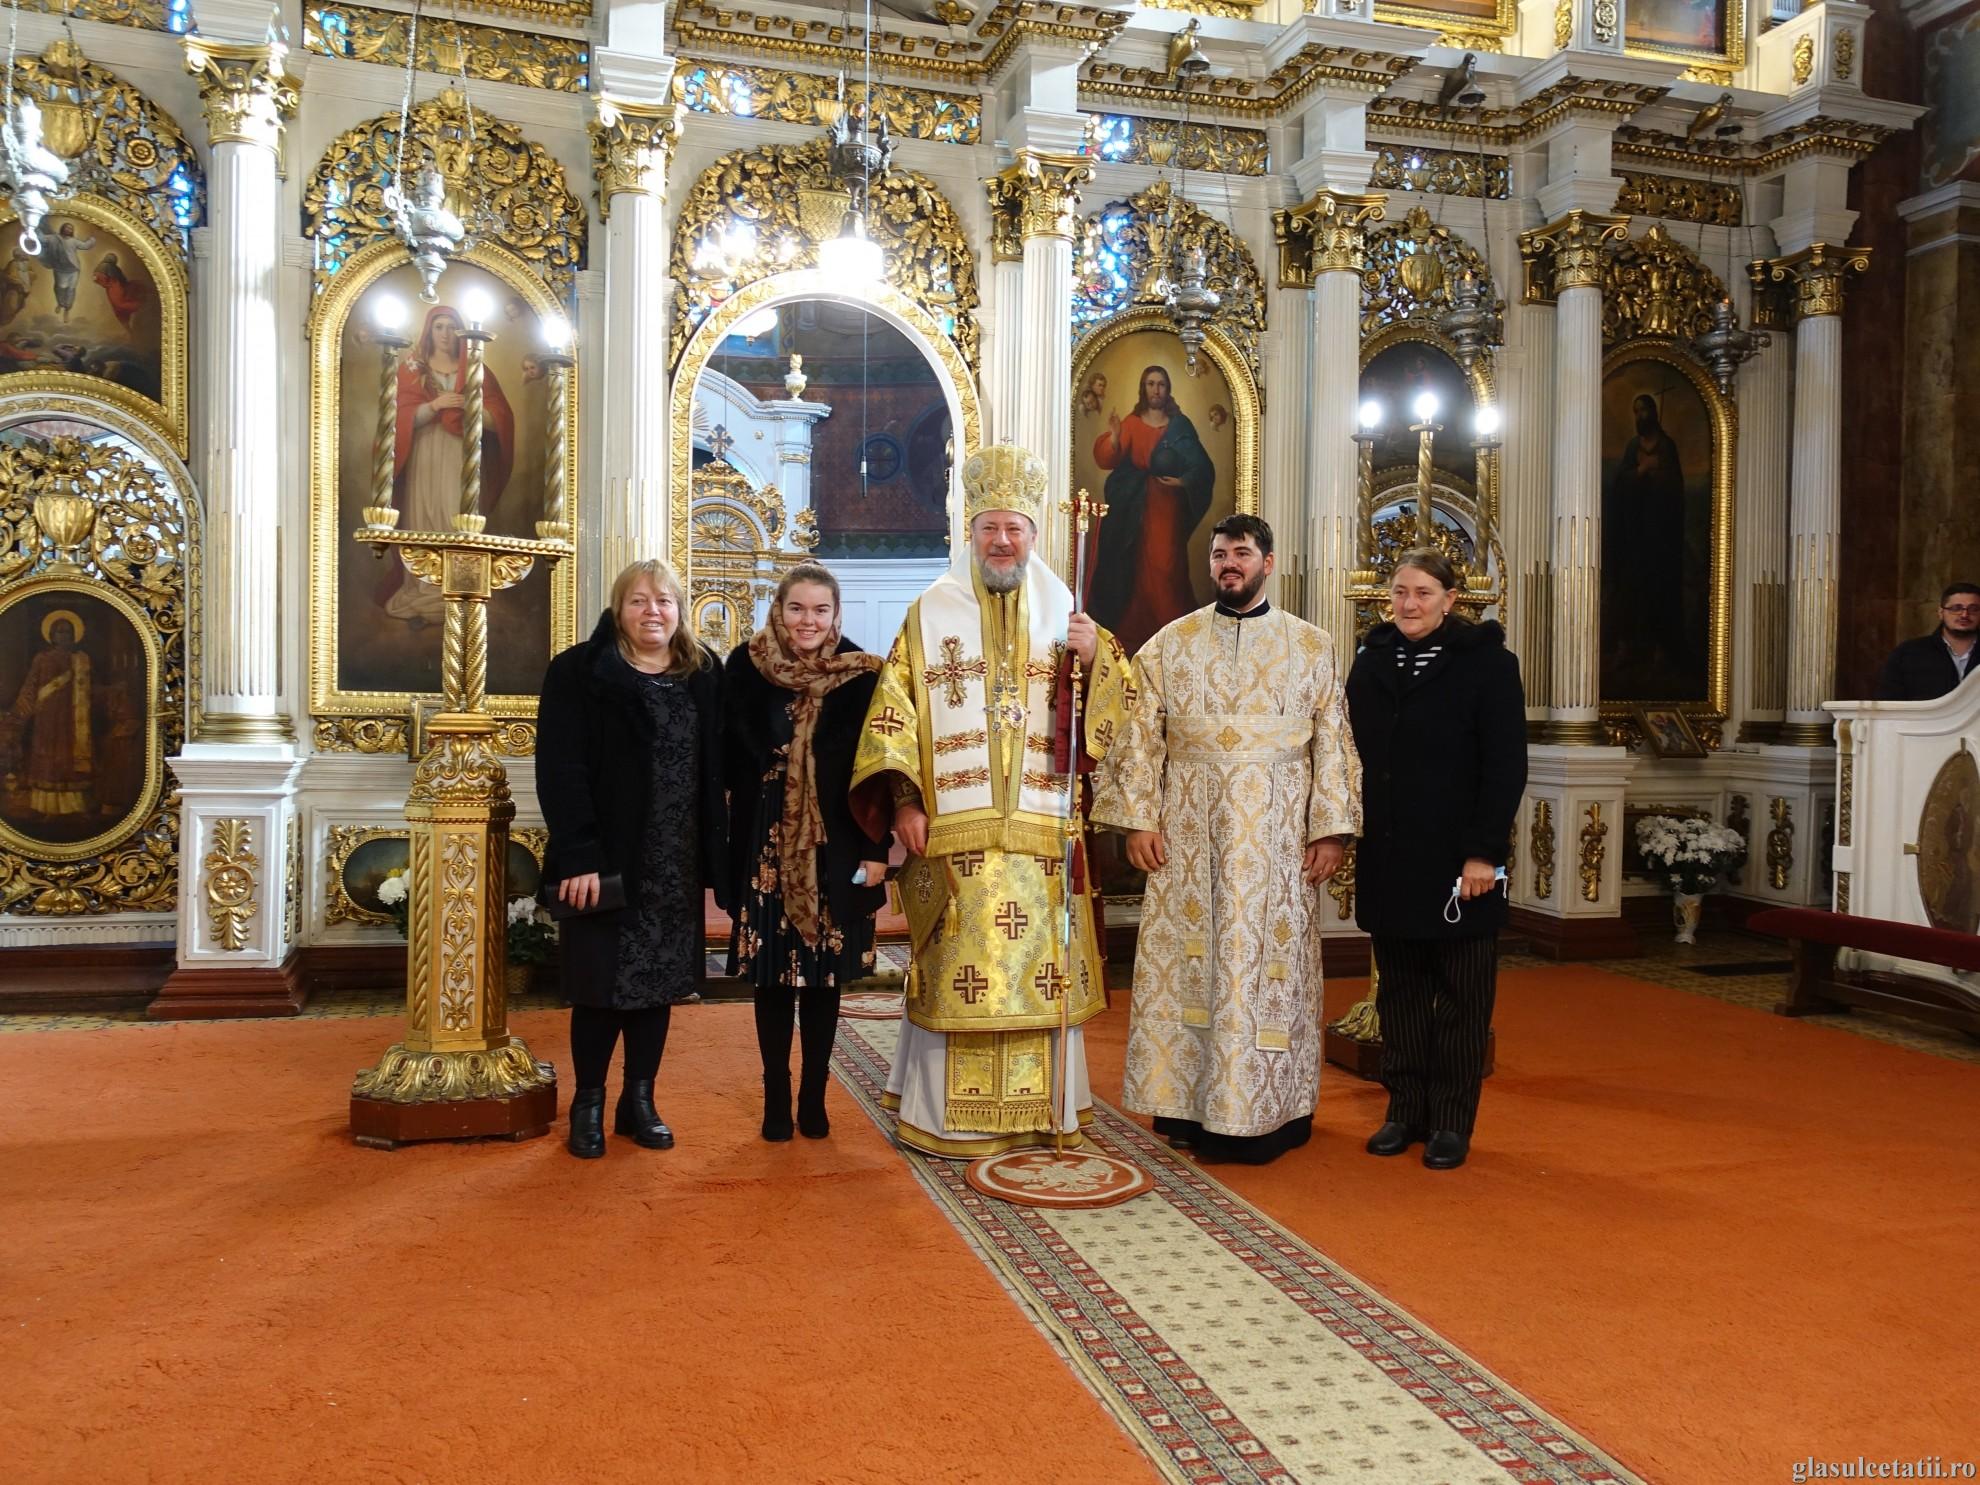 ÎN IMAGINI - Liturghie Arhierească și hirotonie întru diacon la Catedrala Veche din Arad